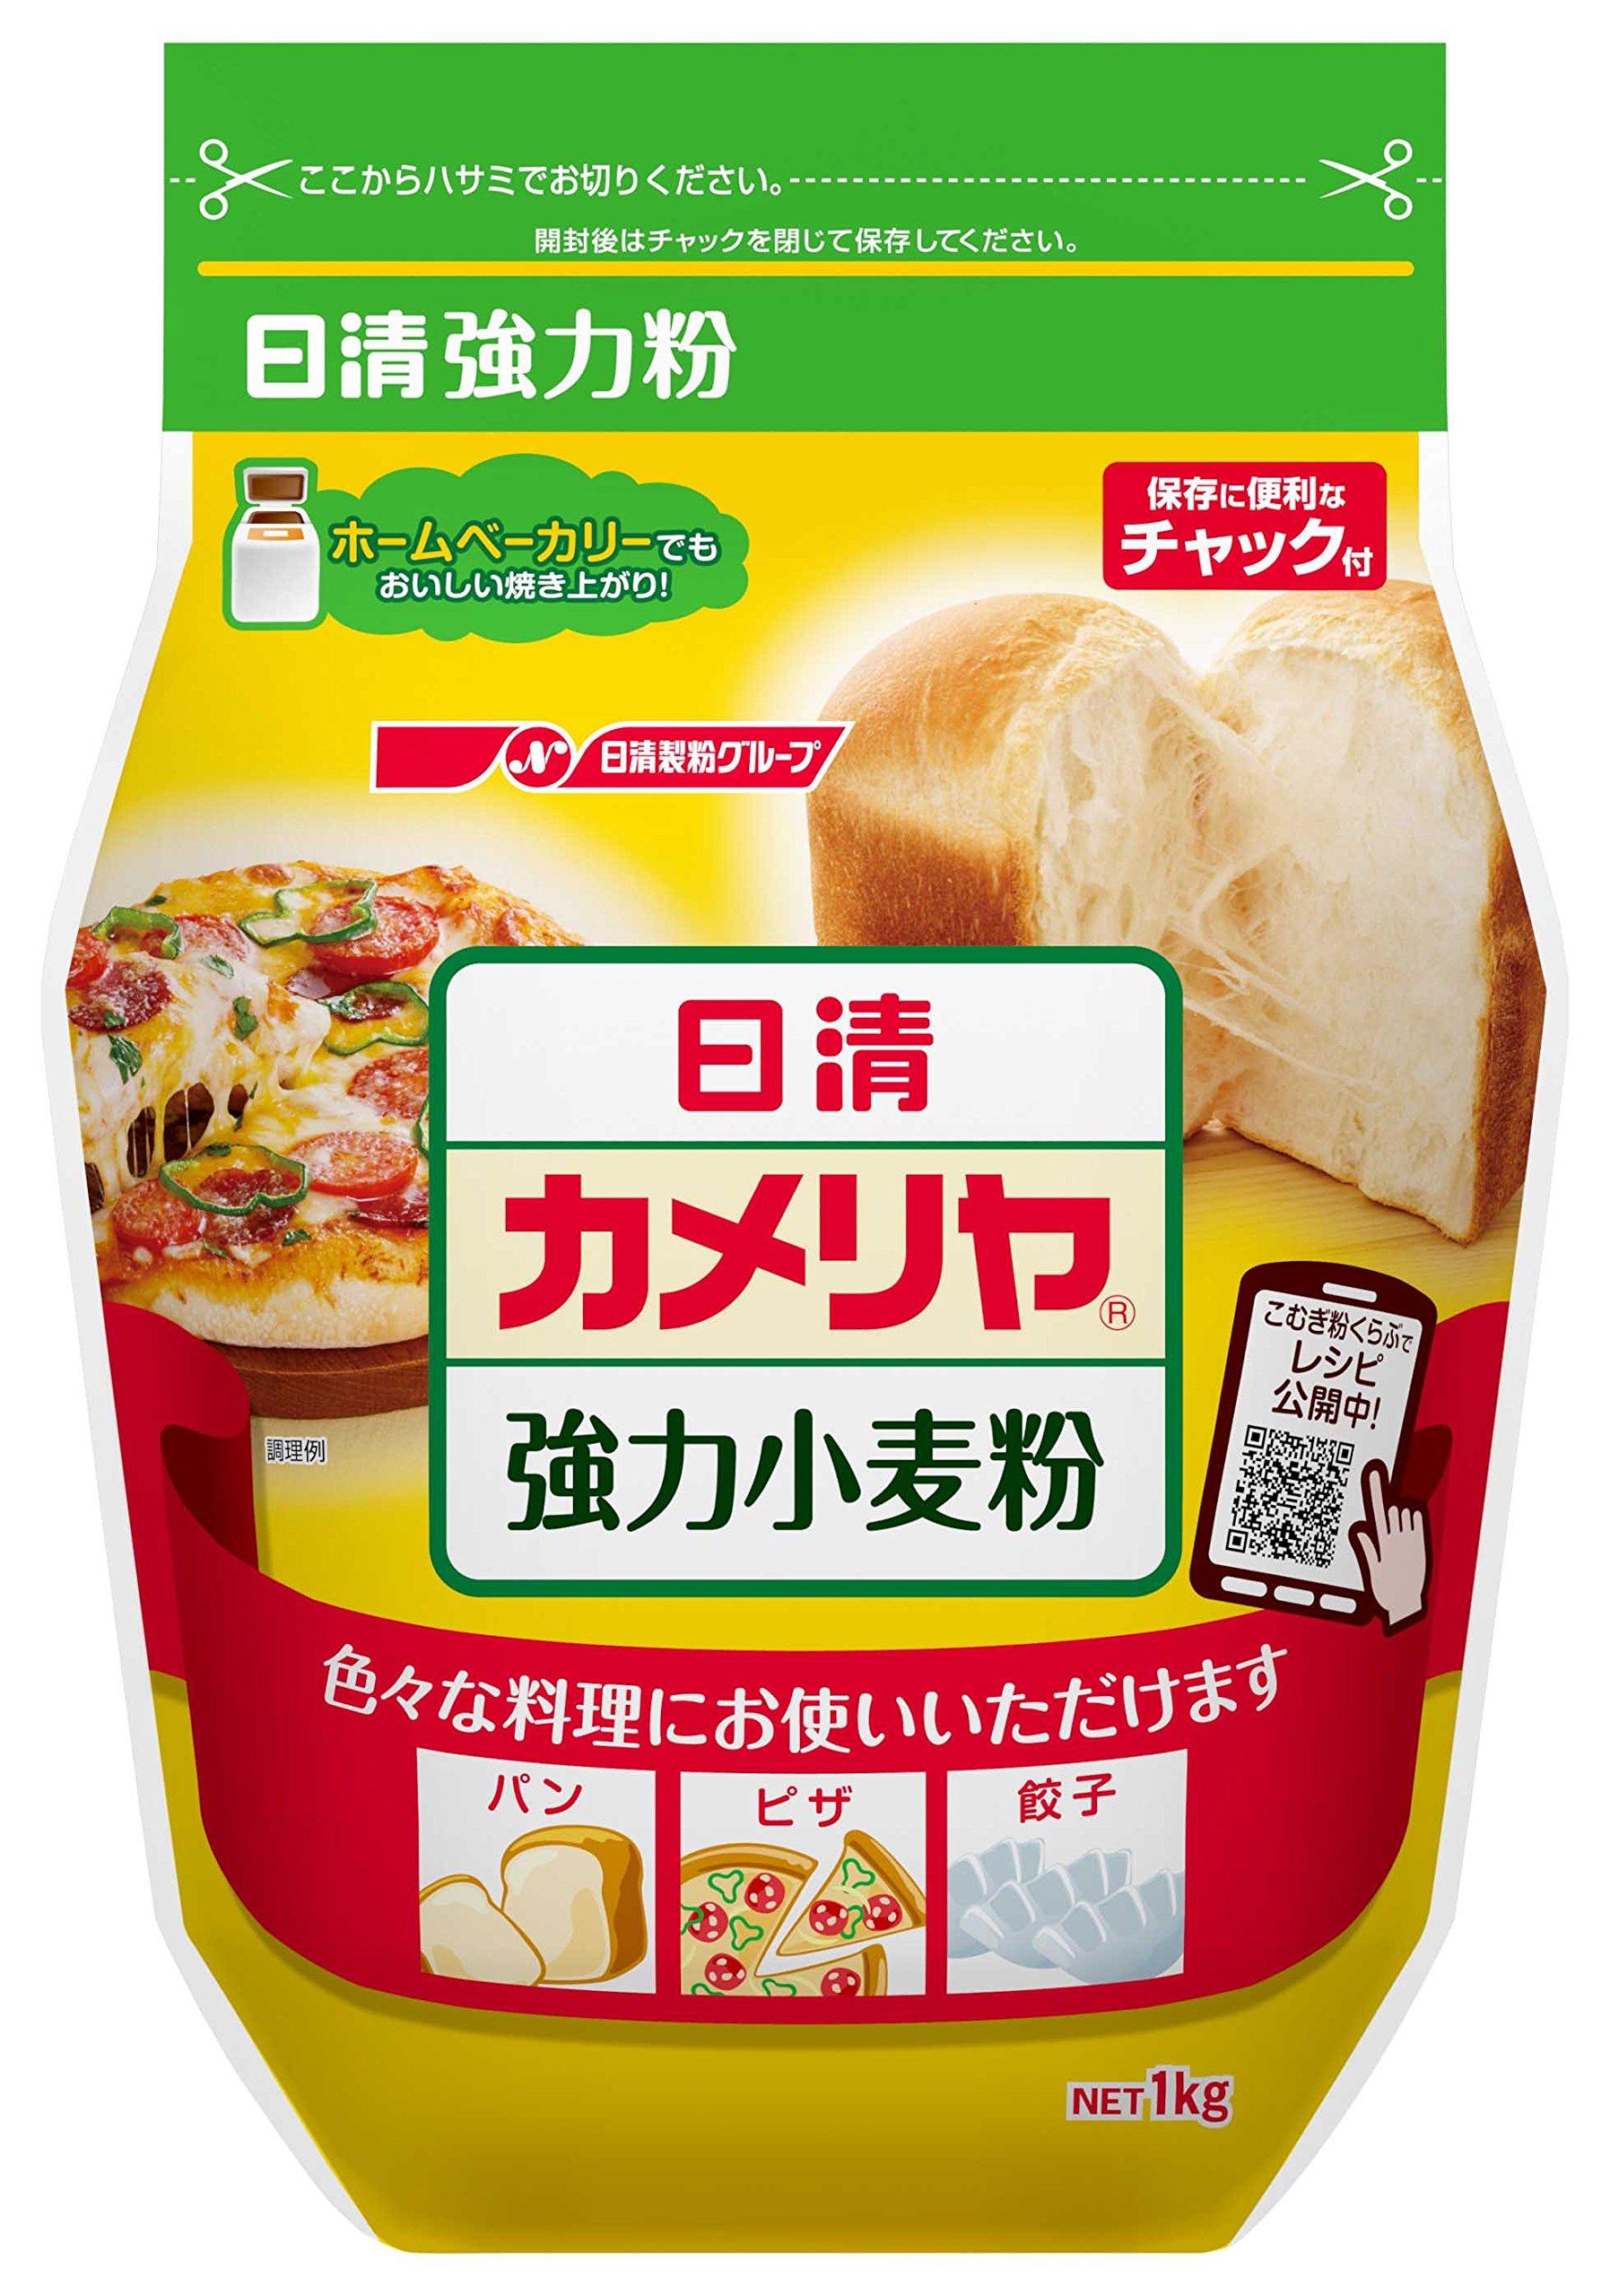 Nisshin Komugiko Flour, 2.20 Pound